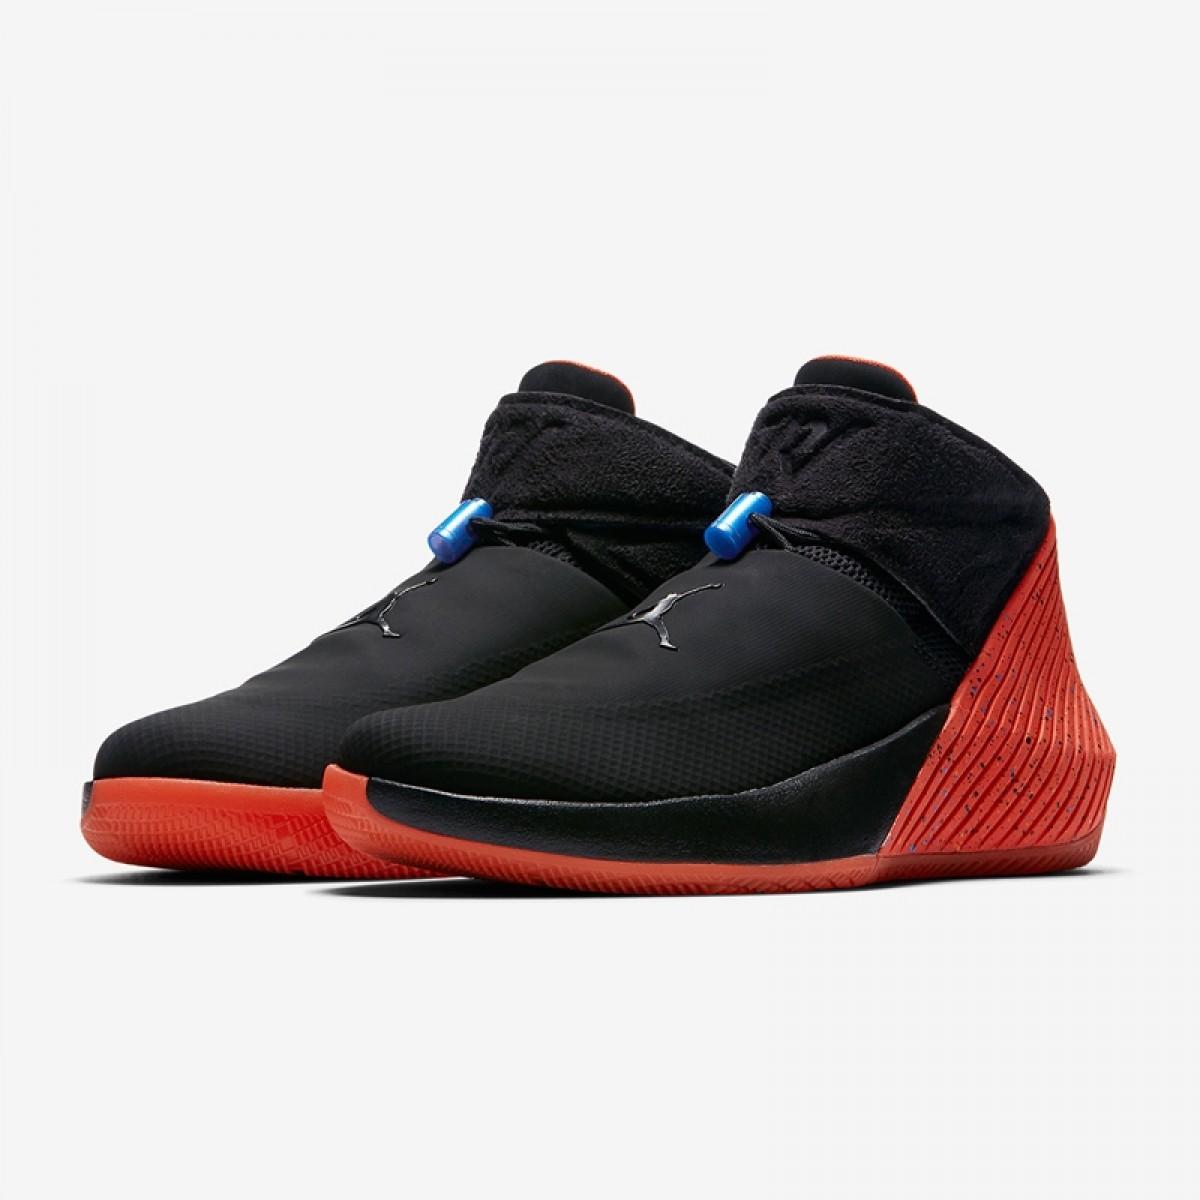 Jordan Why Not Zer0.1 'Triple Double' AA2510-015